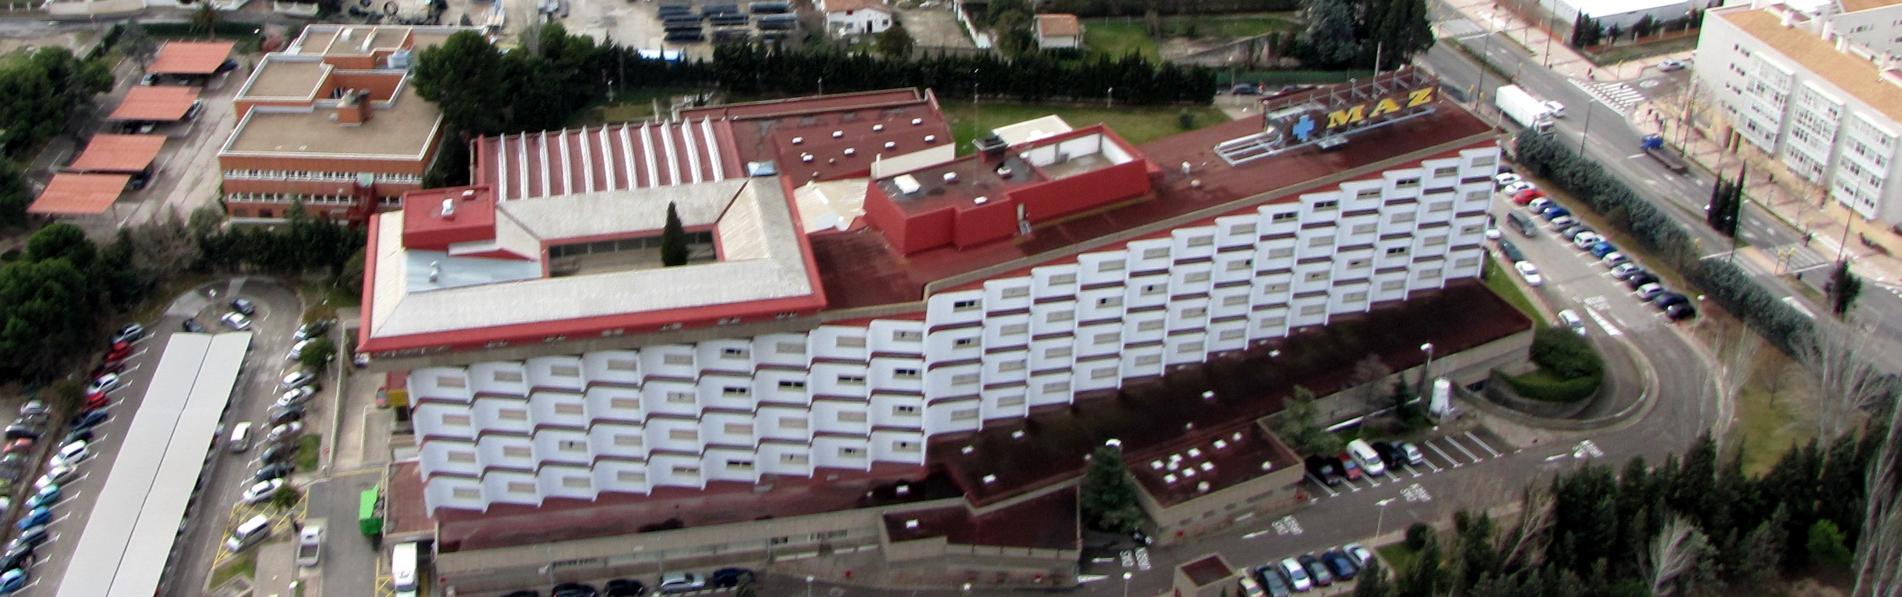 Hospital MAZ- Zaragoza